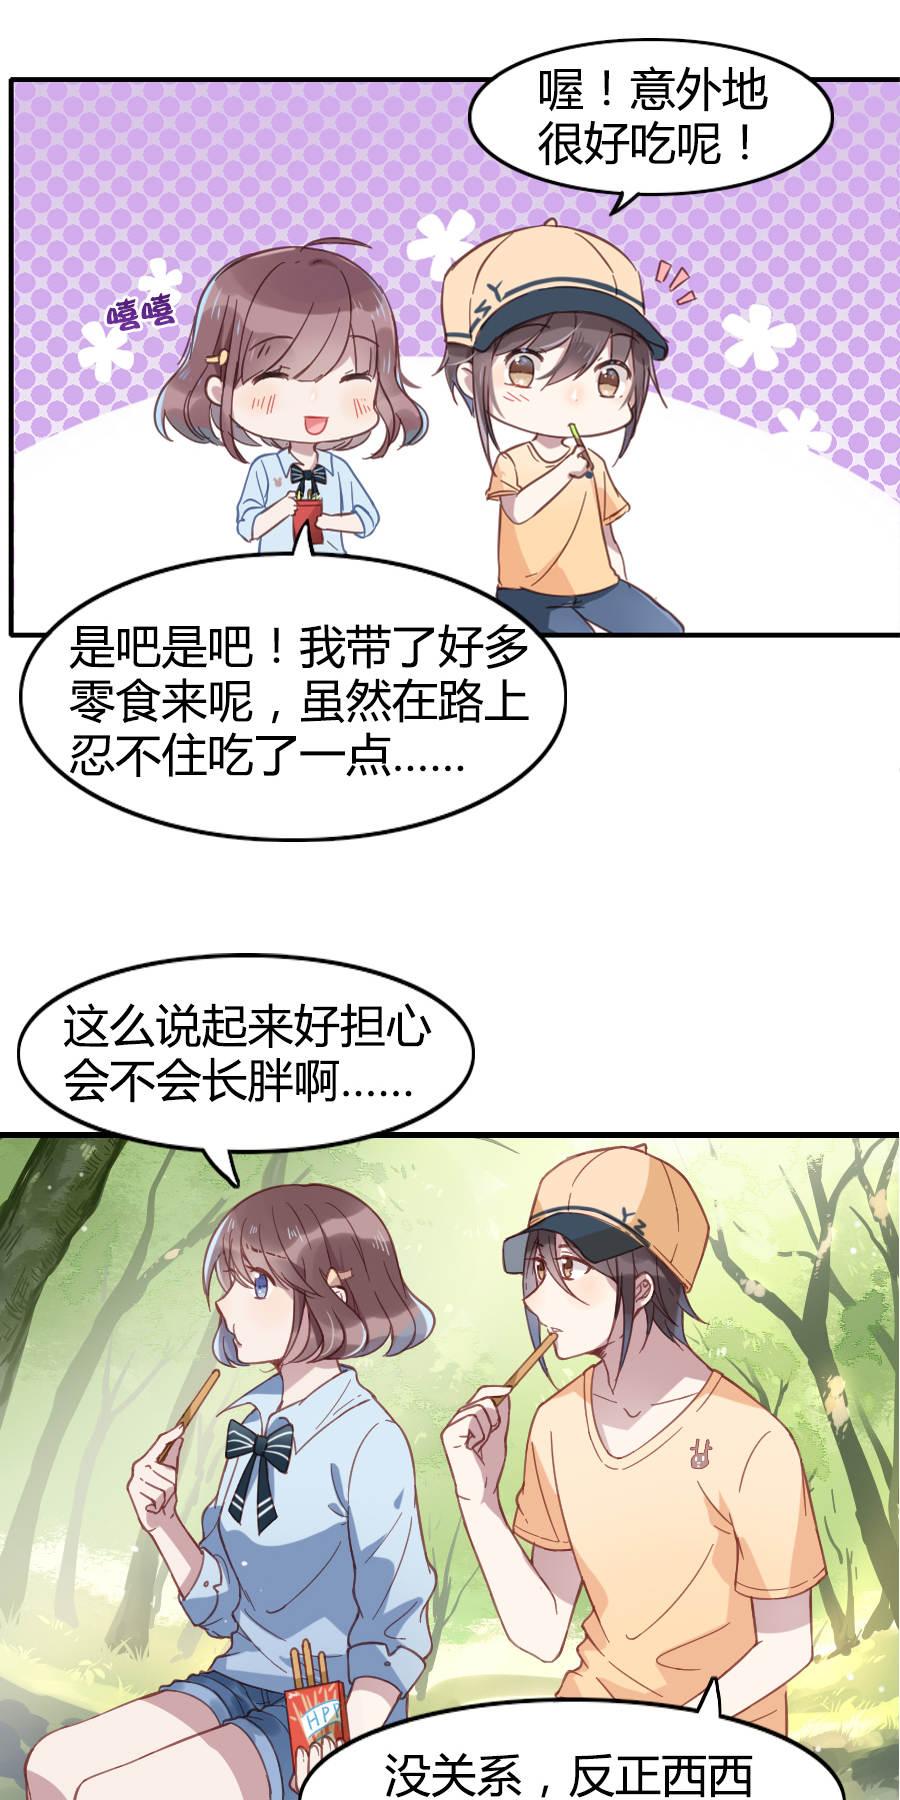 少年游第10话  麋鹿呀麋鹿 柚子柚子!! 第 22